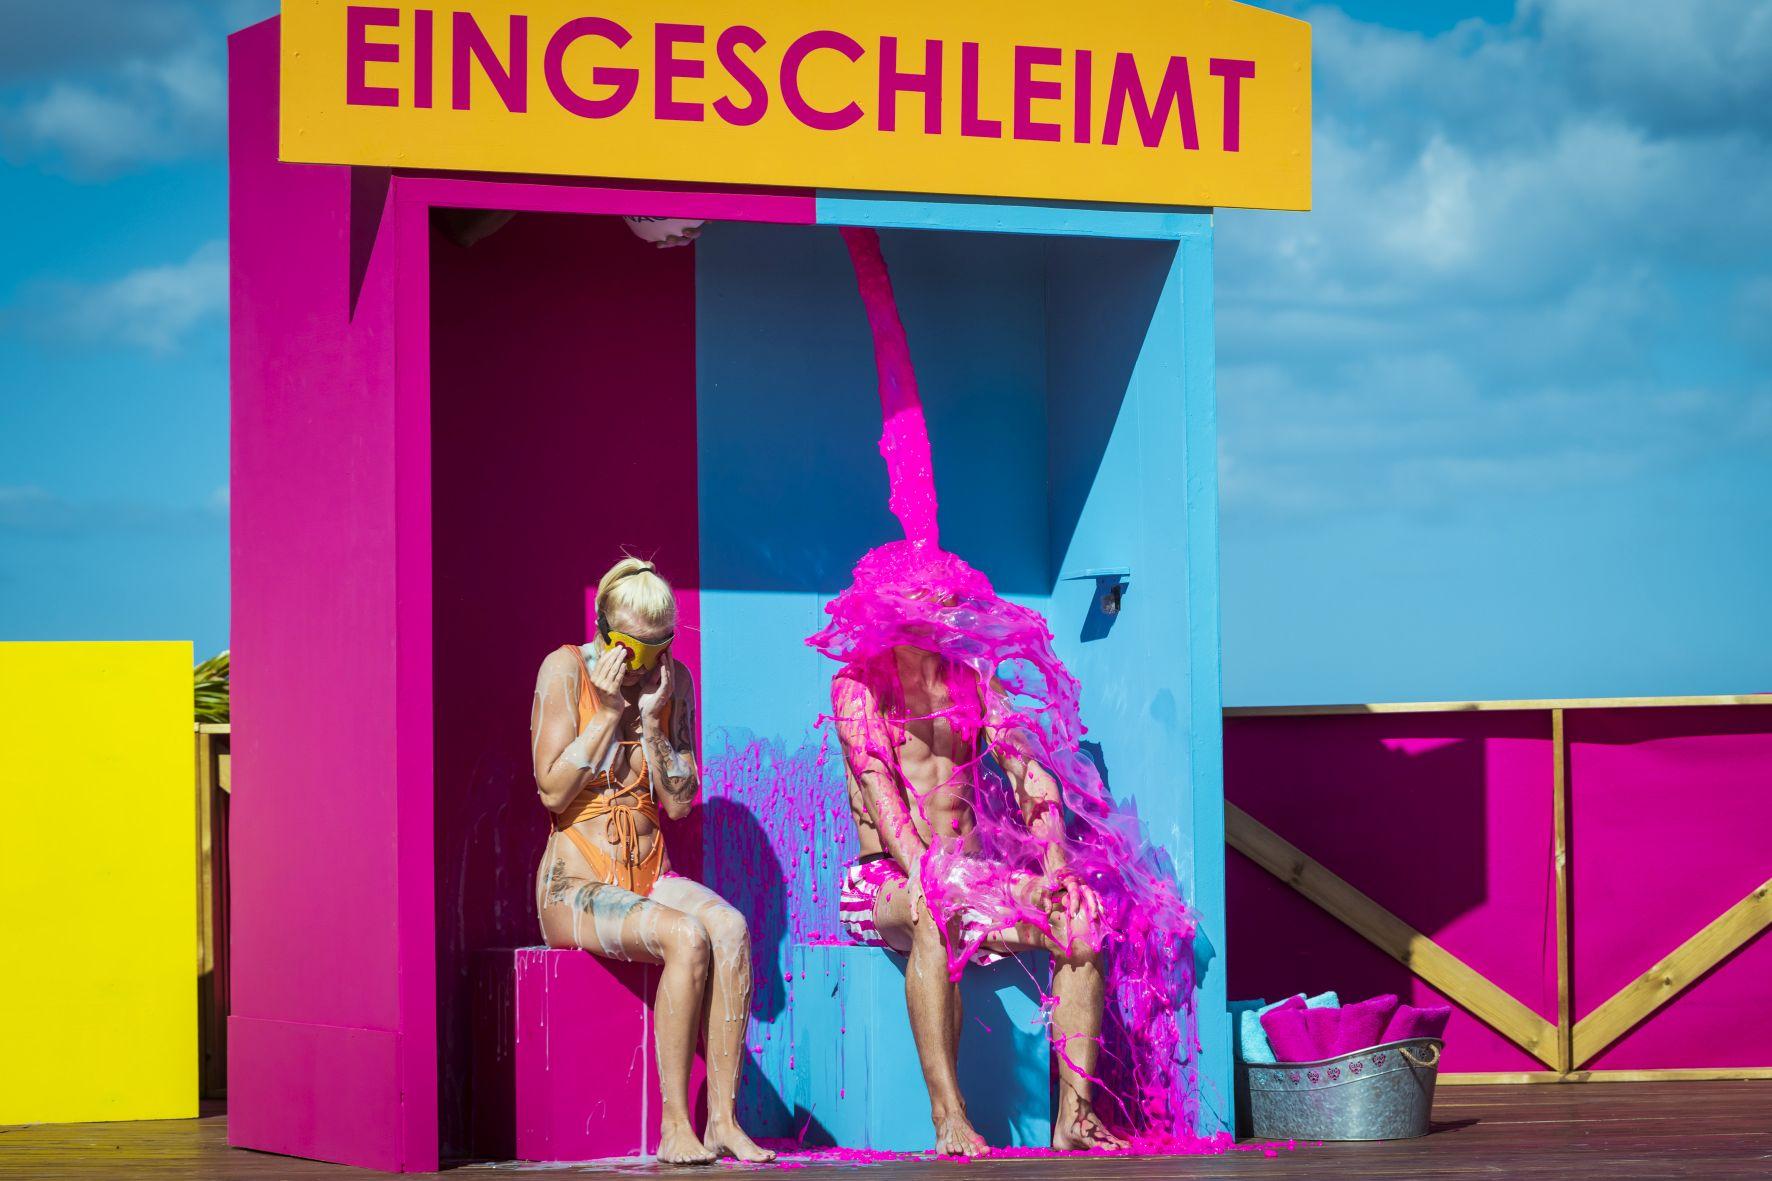 """Love Island 2020 Tag 24 - Die Challenge """"Eingeschleimt"""""""